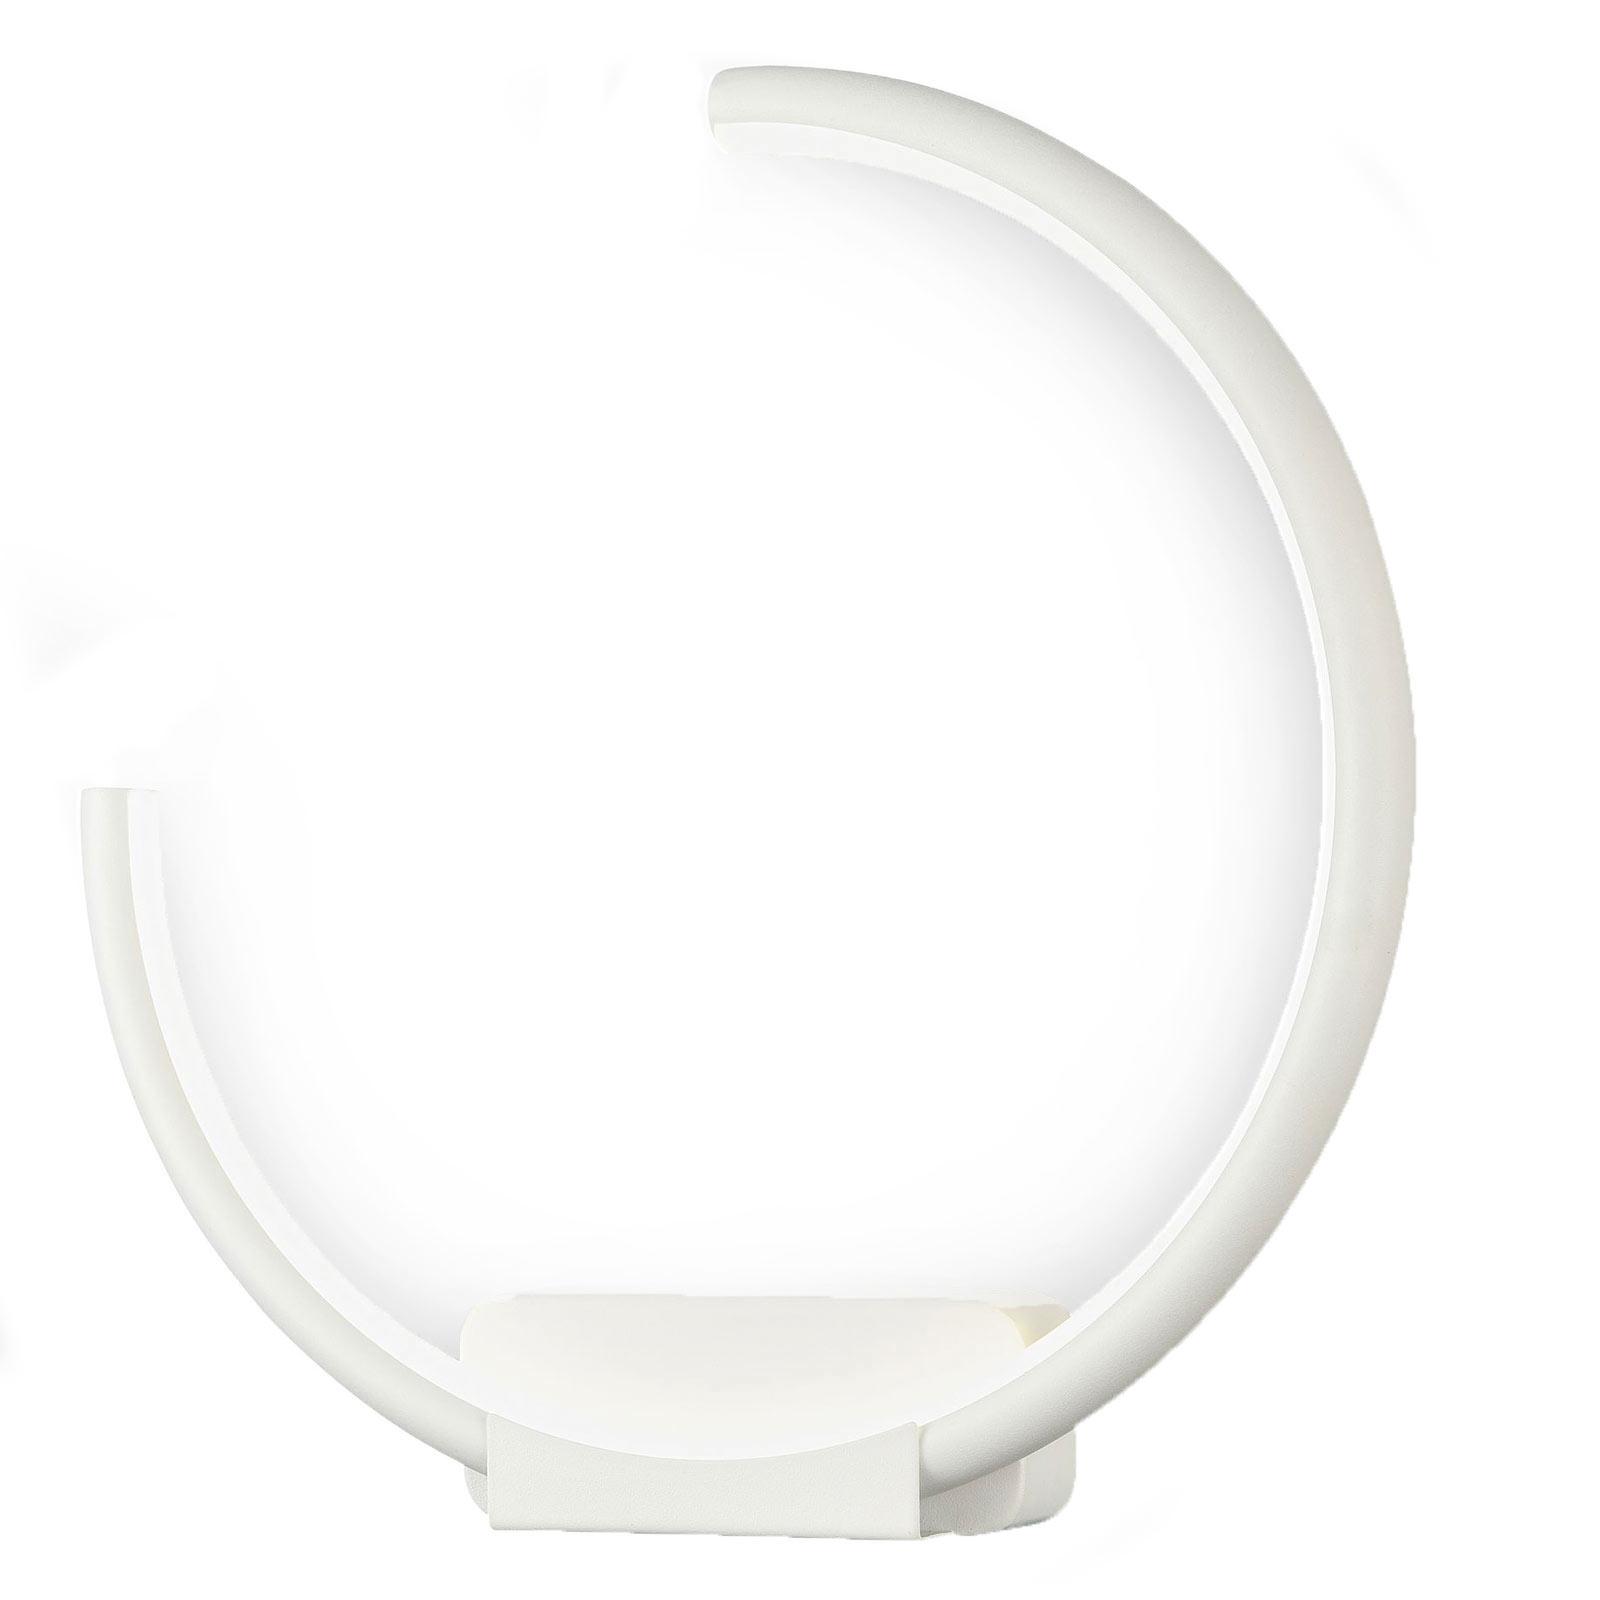 Applique LED Nola, anneau ouvert